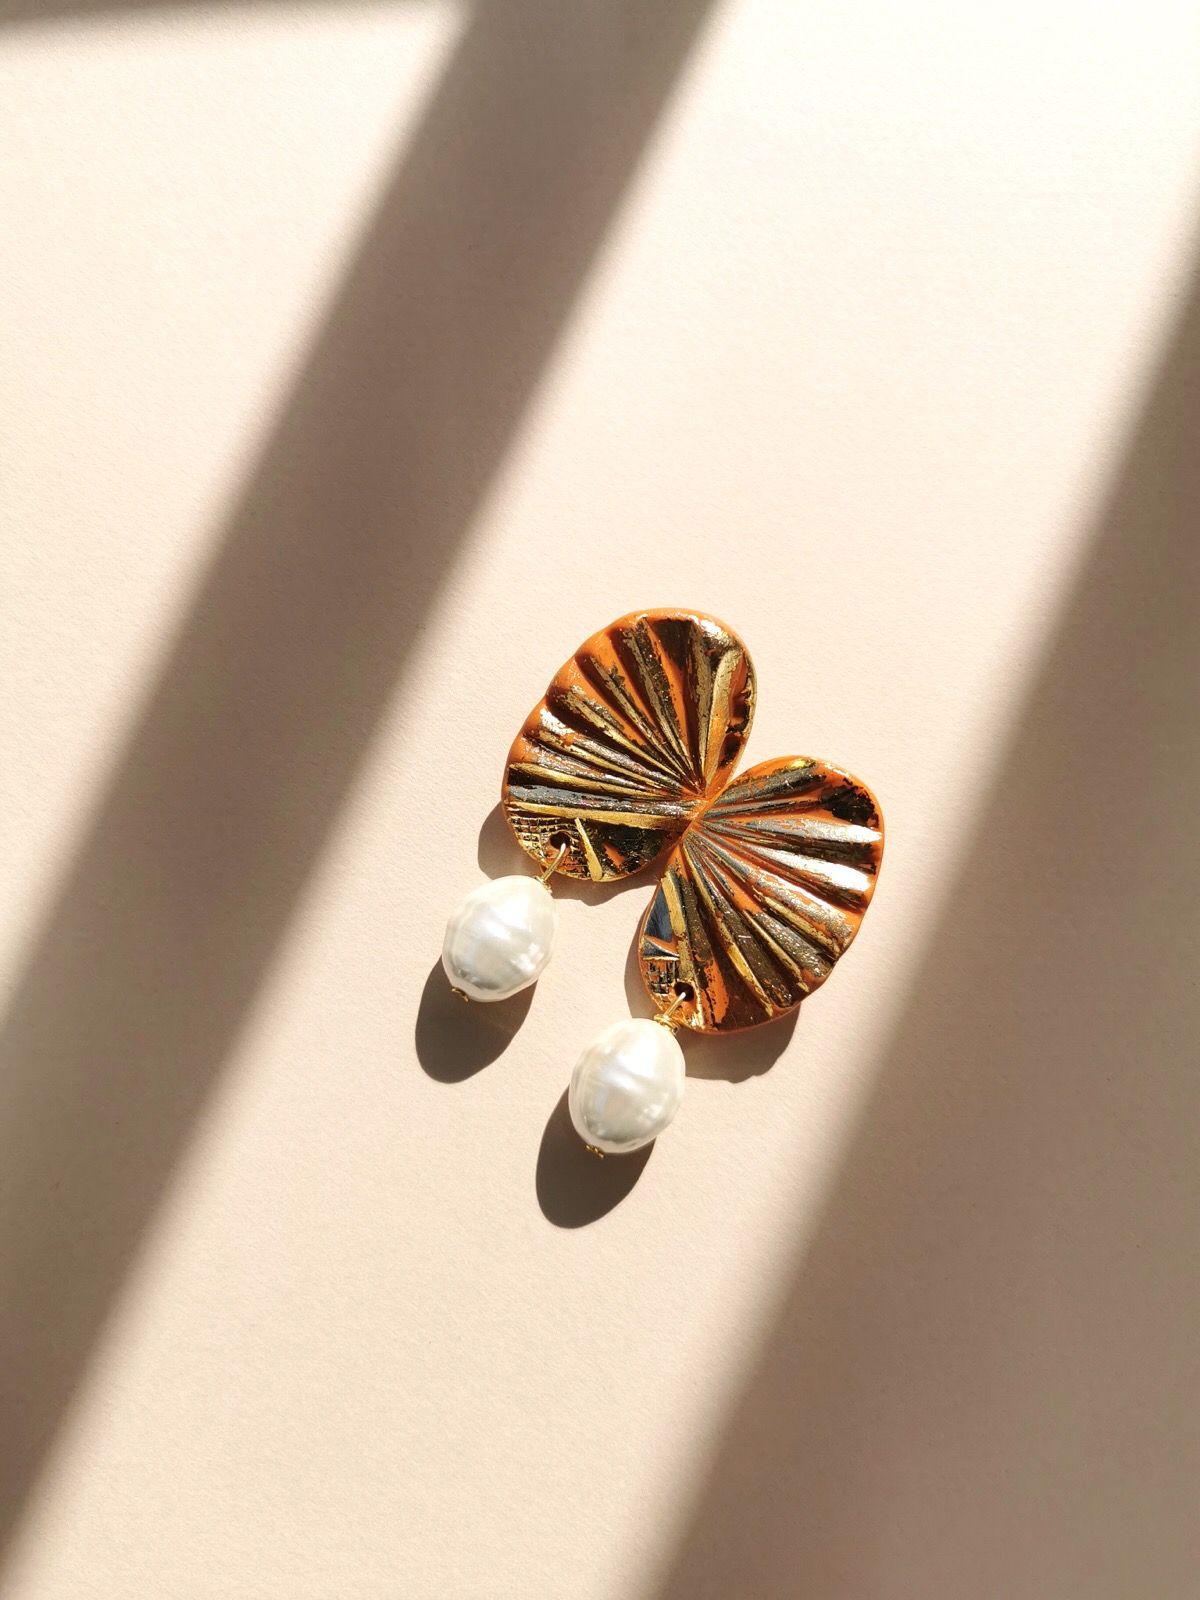 Nova kolekcija Nott. ordinary jewelz naušnica u koju ćete se zaljubiti na prvu!